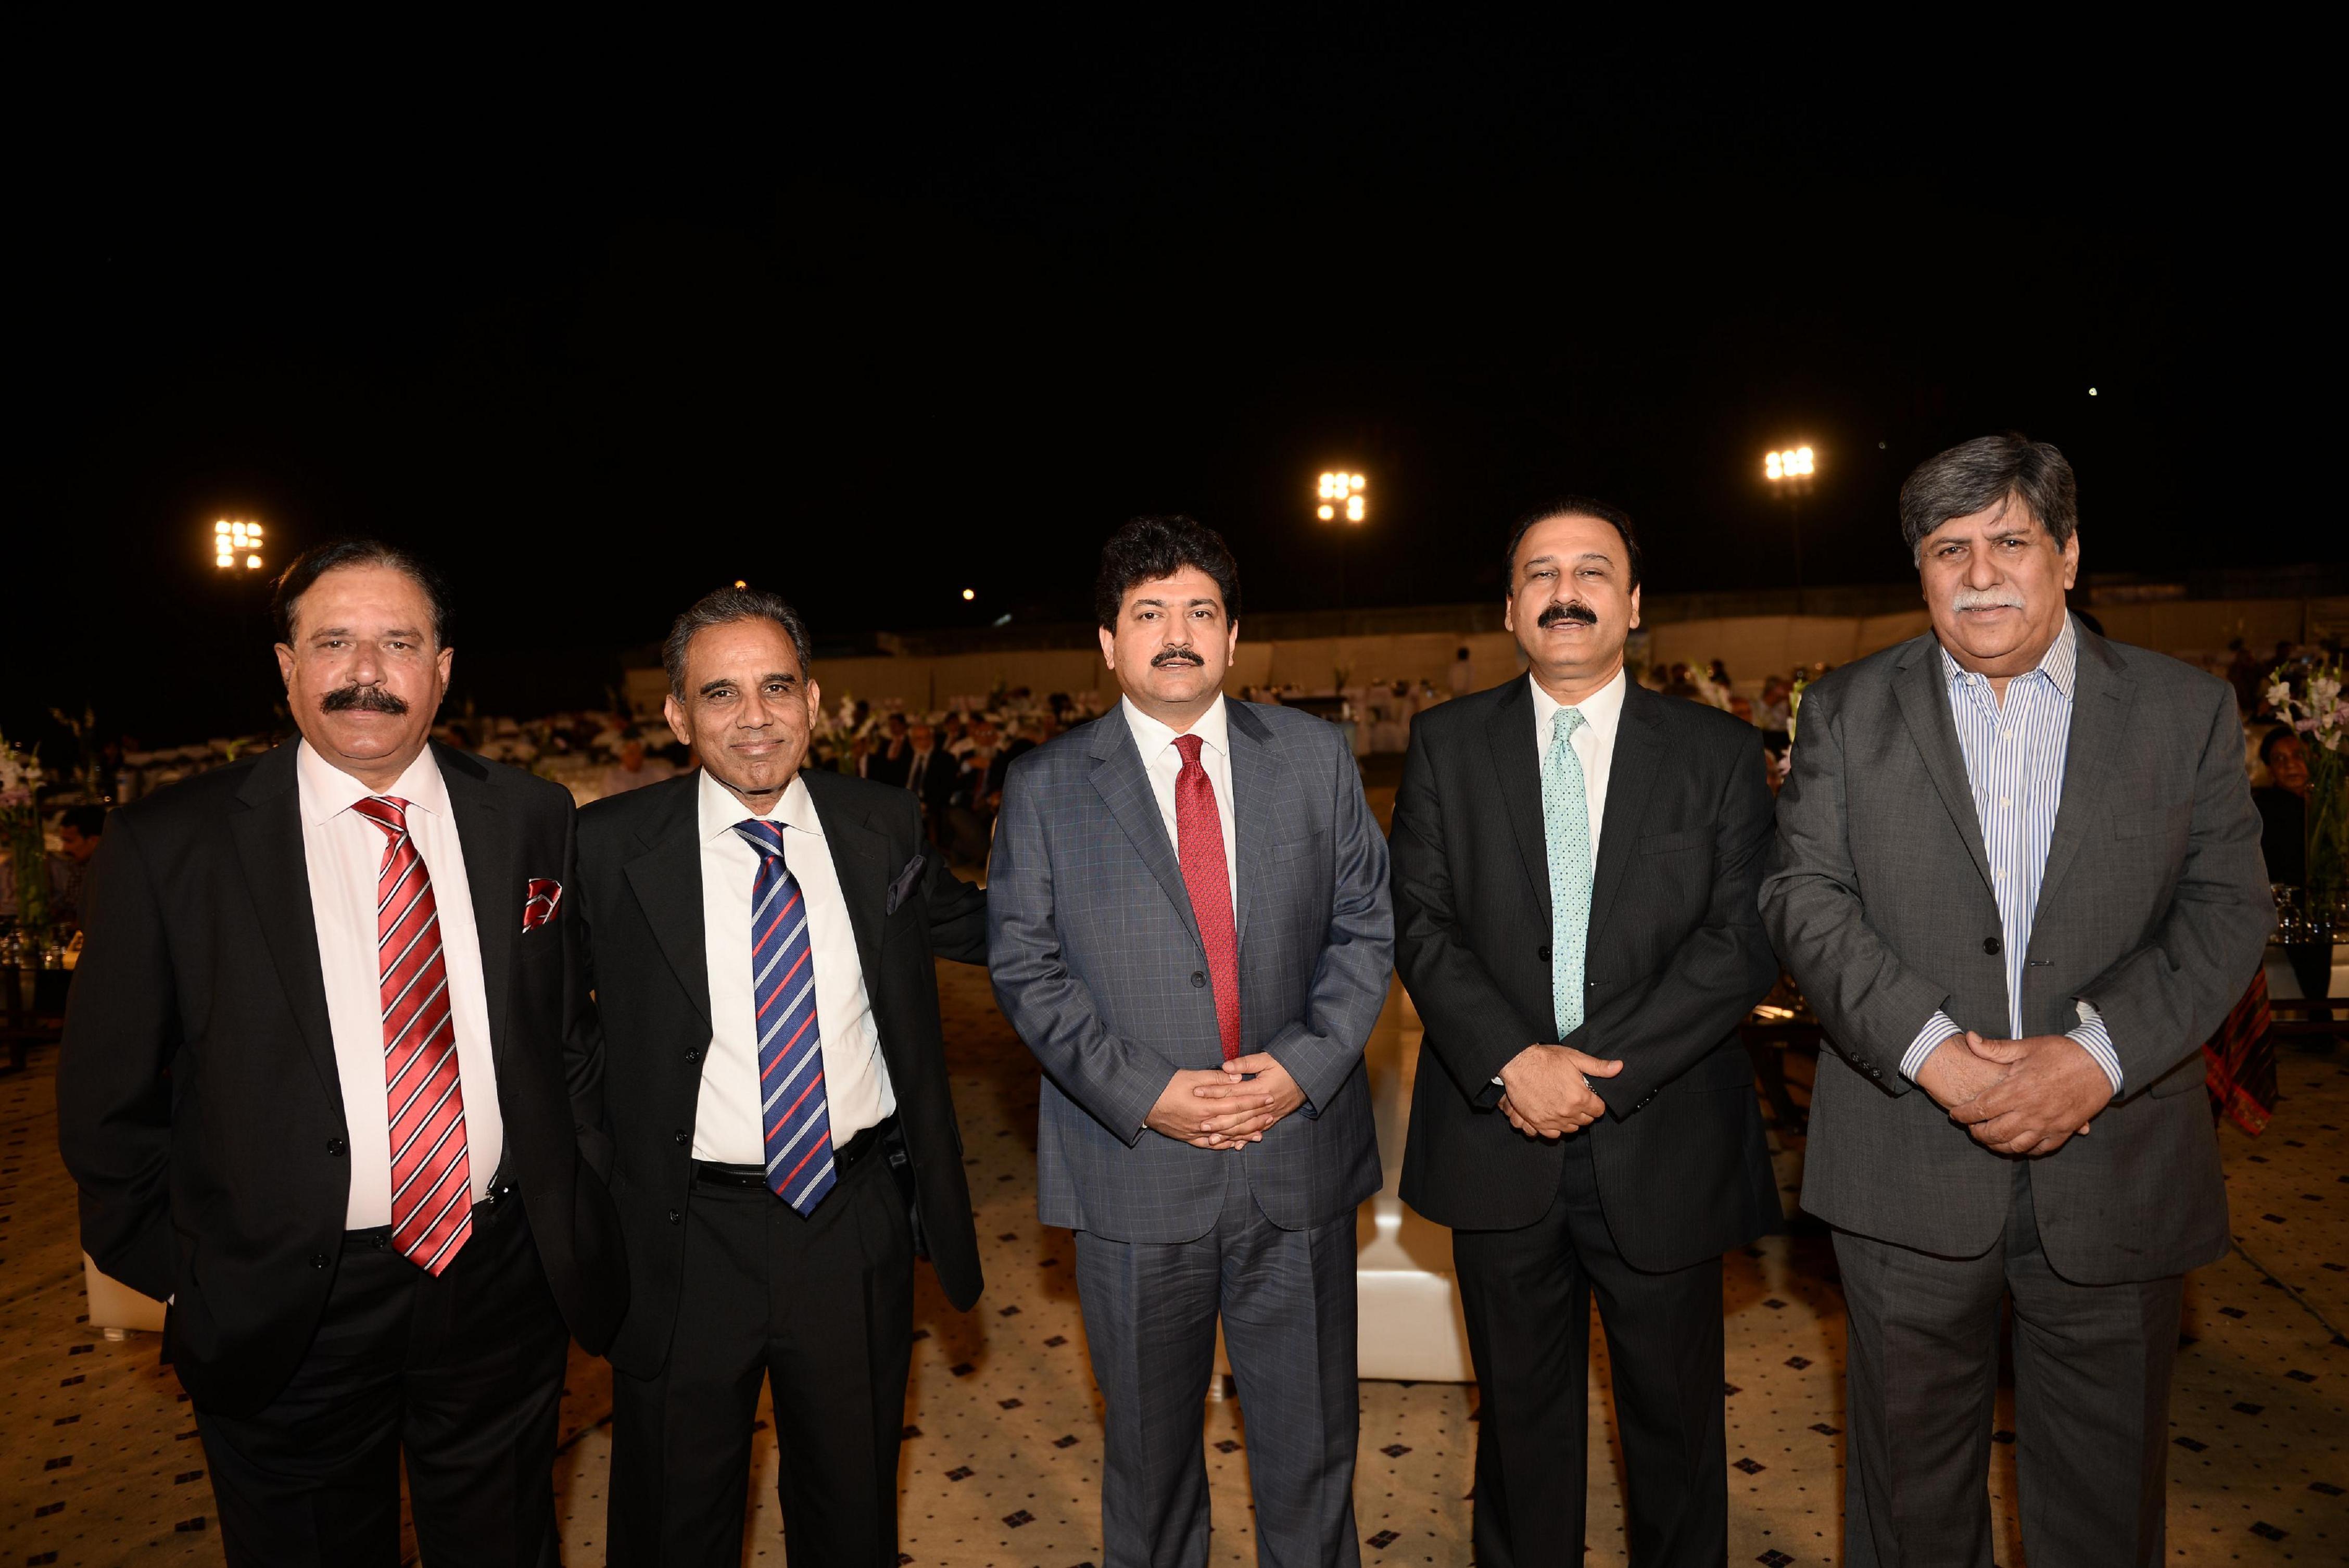 Mr. Kazi Afaq, Mr. Hamid Mir, Dr. Khalid Butt & Mr. Asghar Nadeem Syed